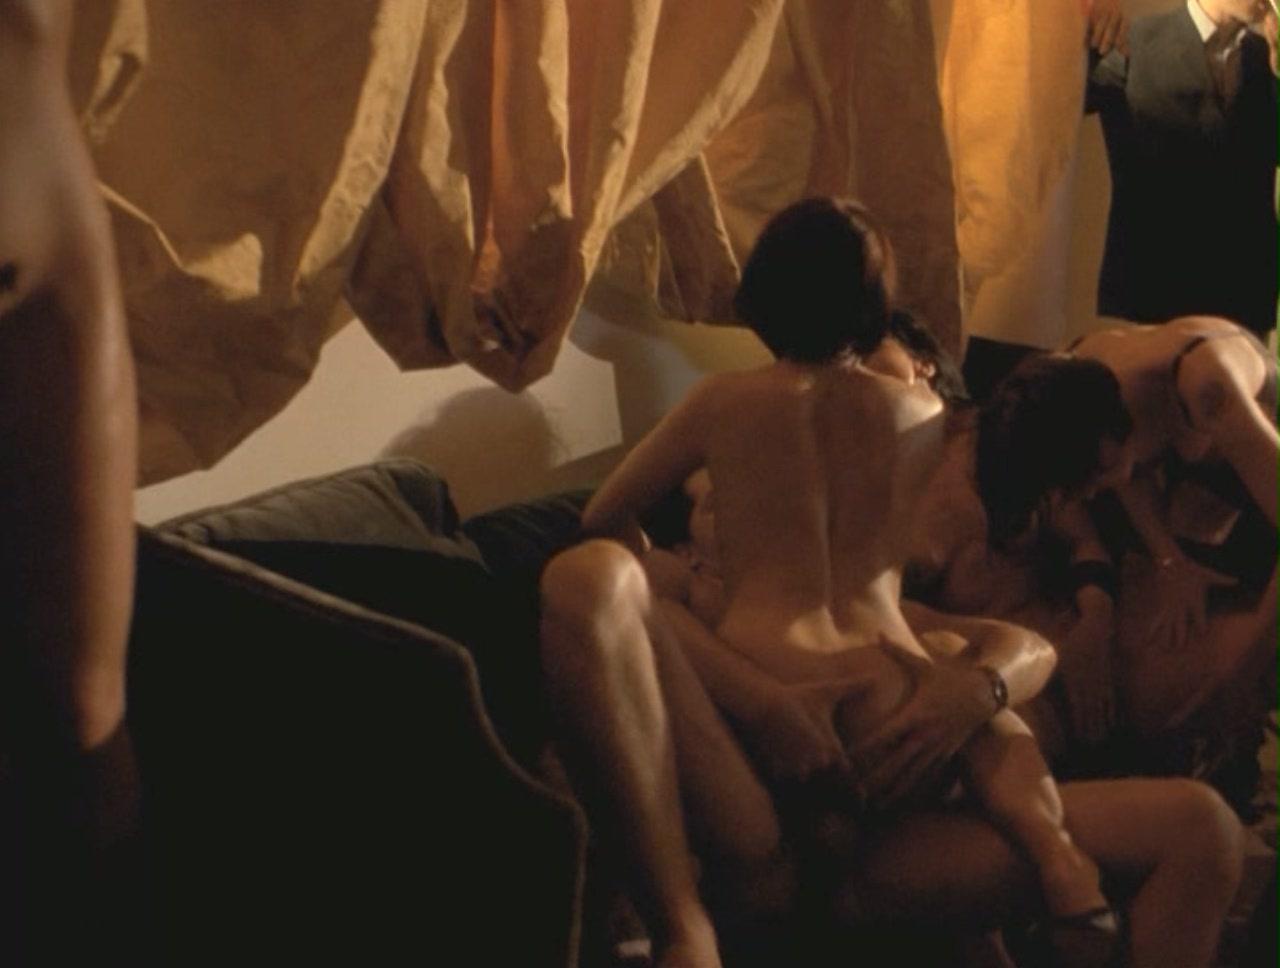 drama-filmi-luchshie-seks